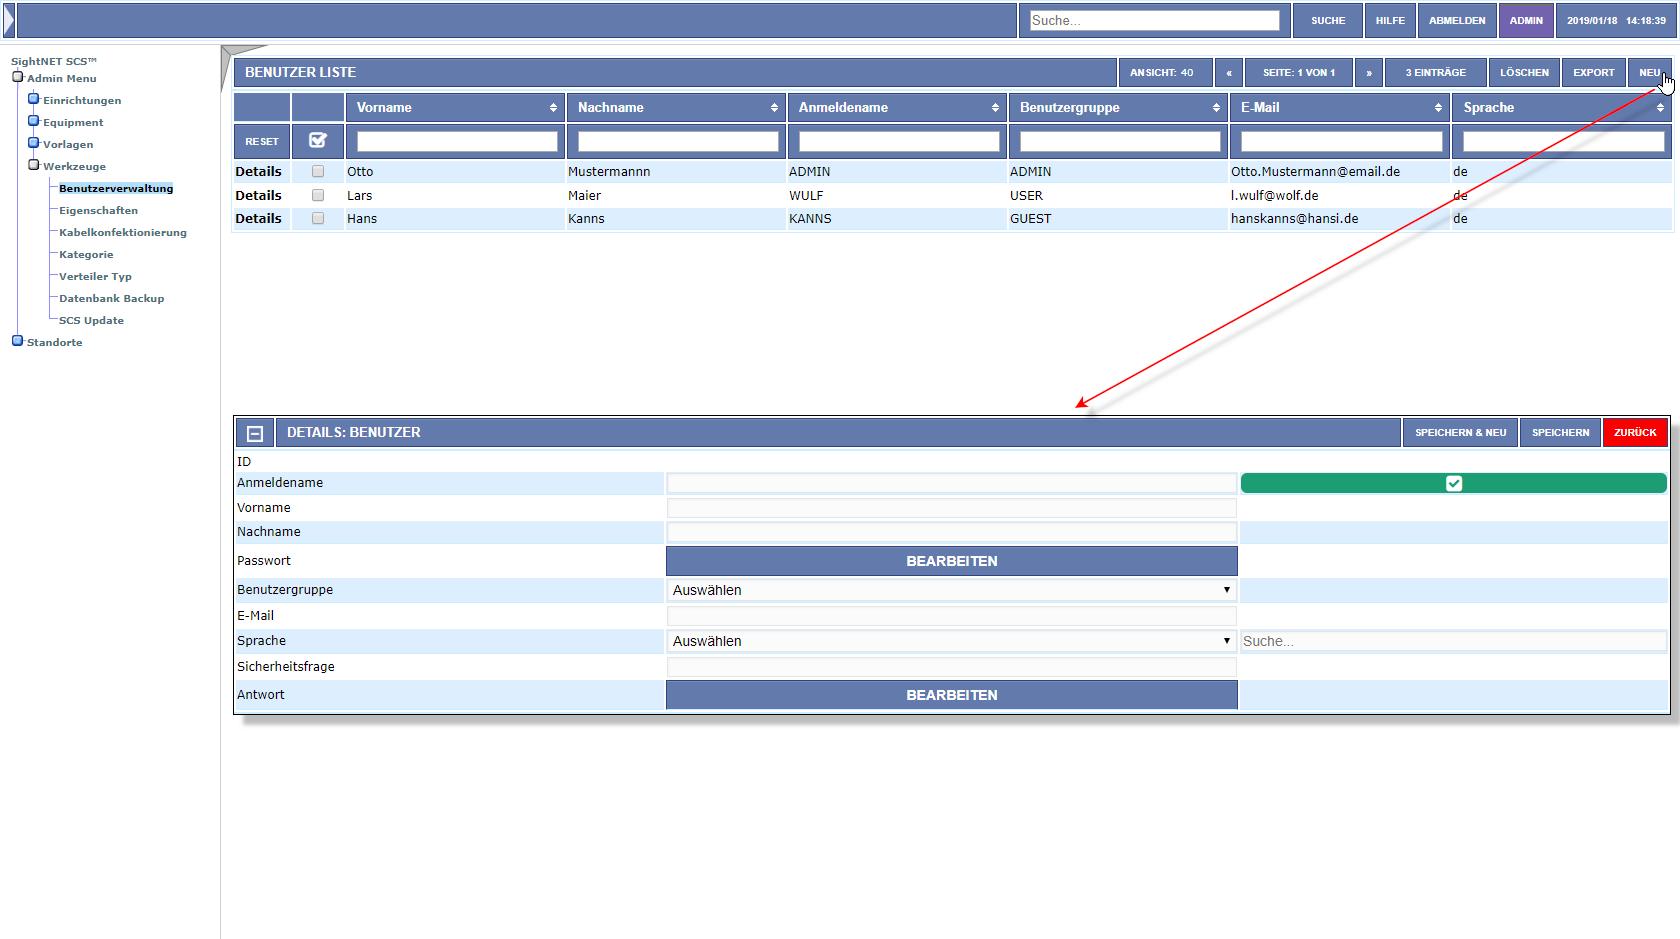 Benutzerverwaltung & Rechtevergabe zur Netzwerk Dokumentations Software